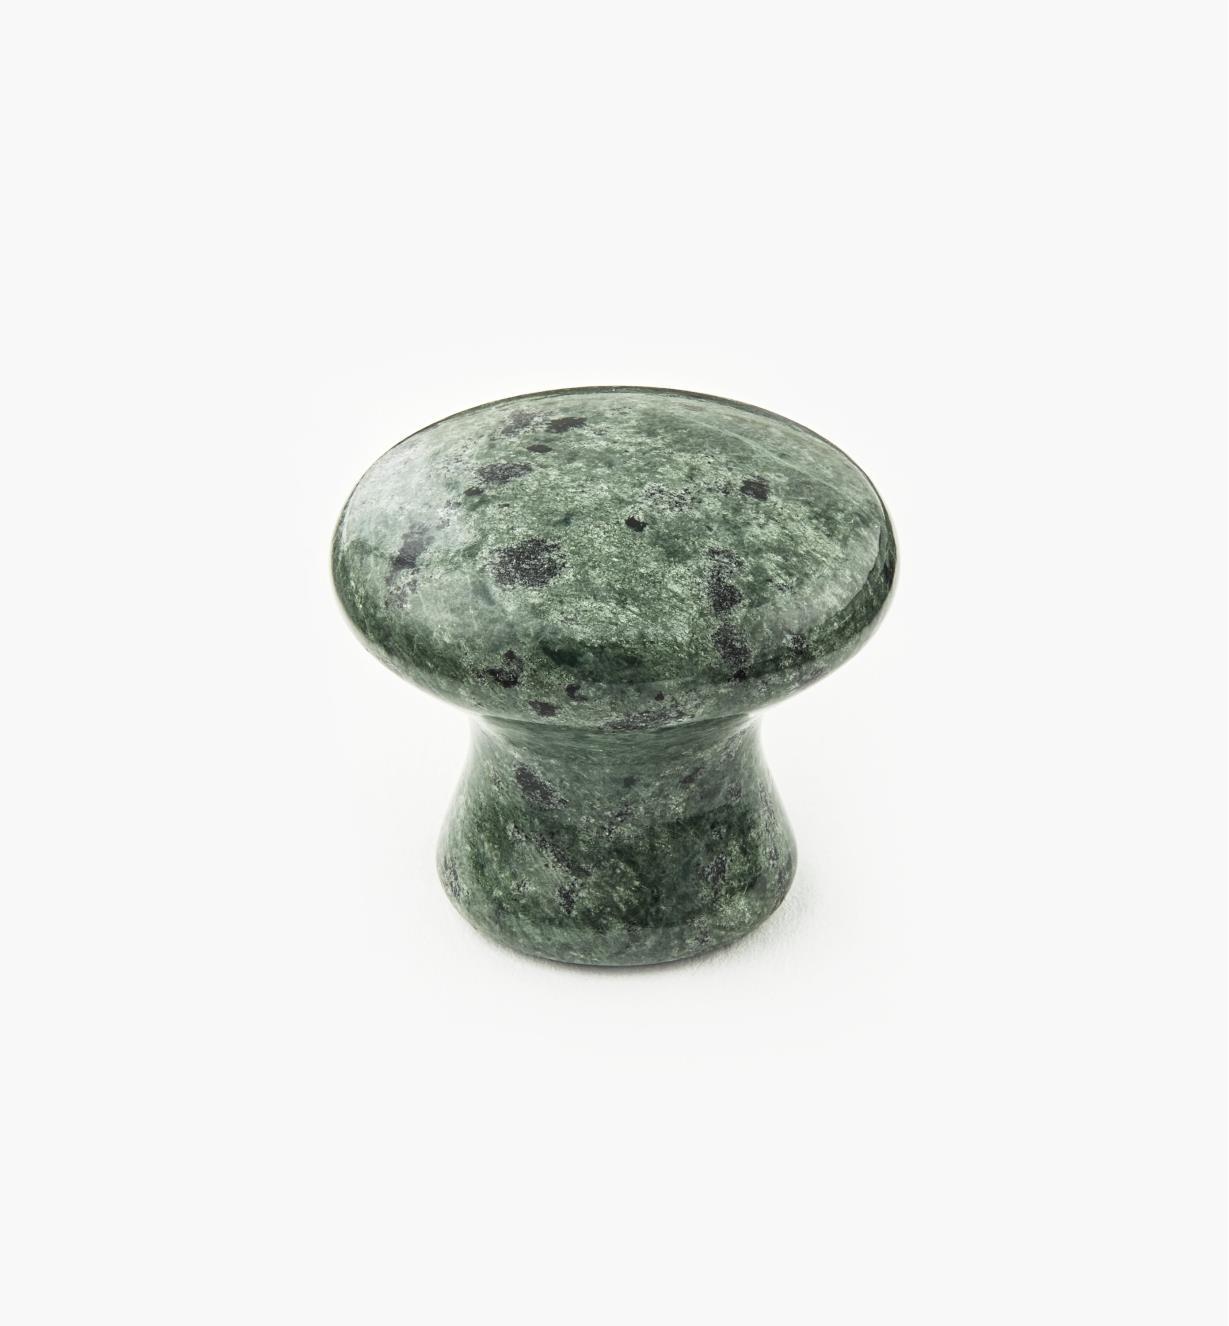 00W4051 - Bouton en marbre, vert, 34 mm x 30 mm